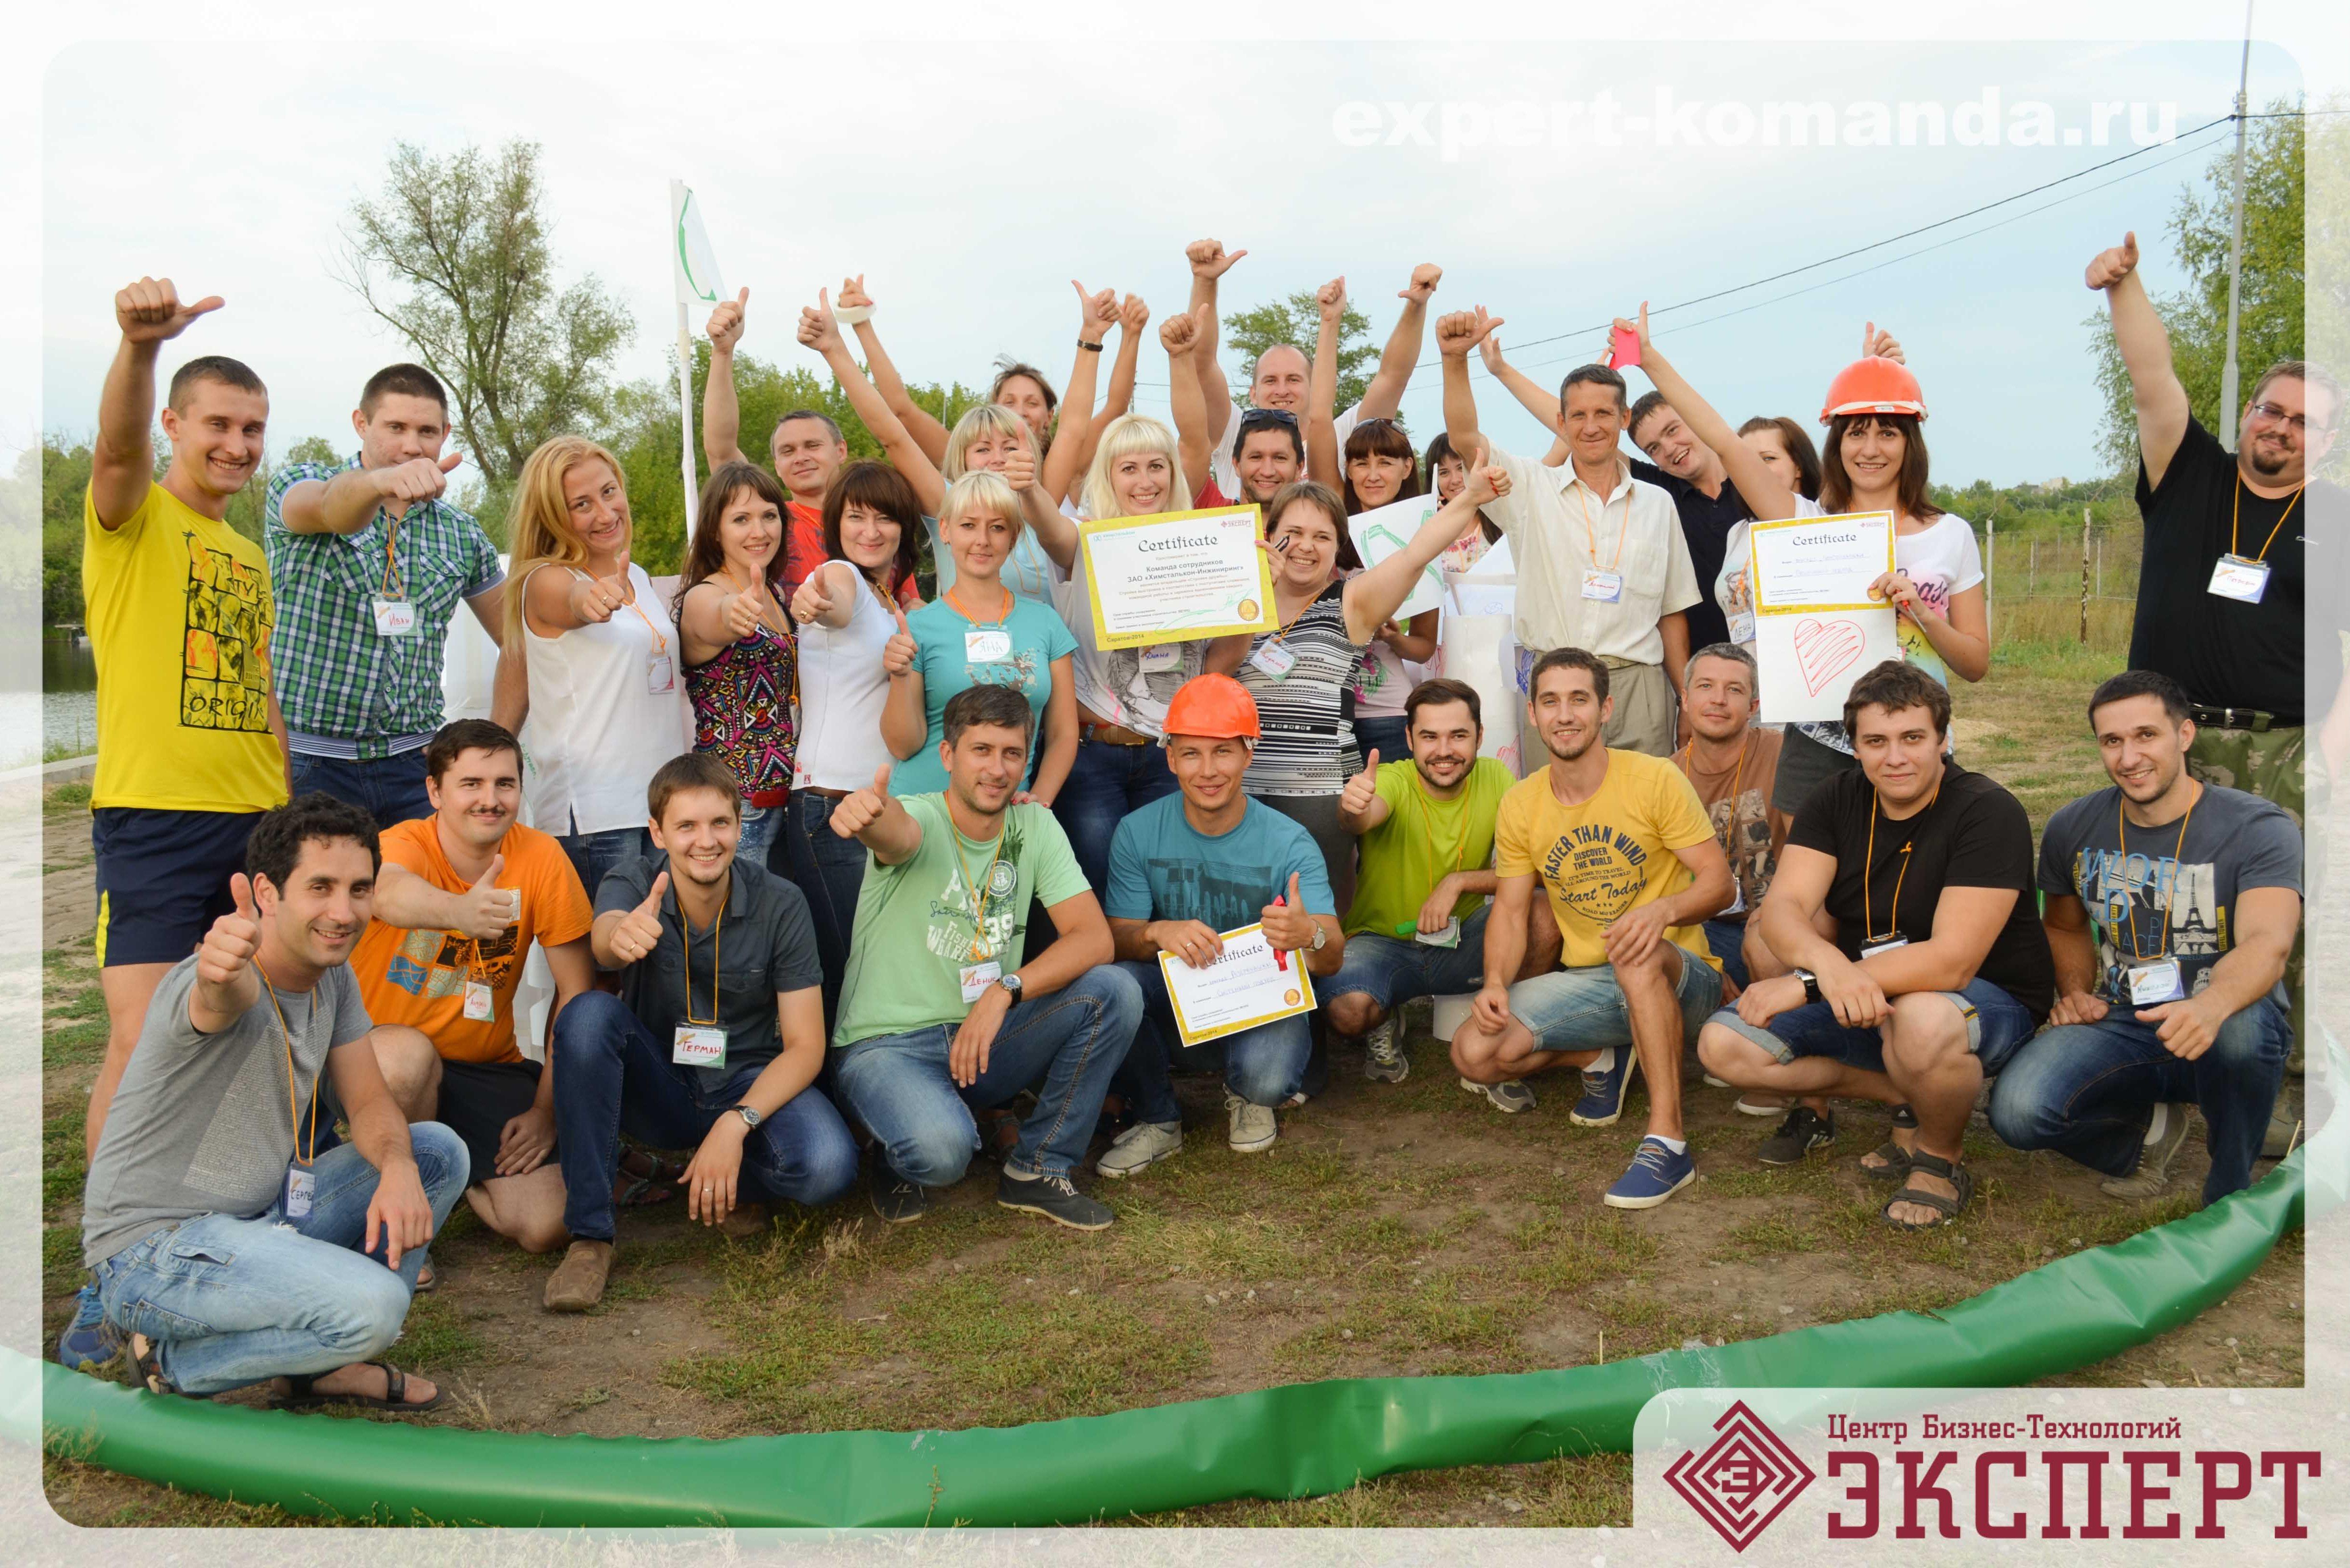 2014-08-07 строительный тимбилдинг